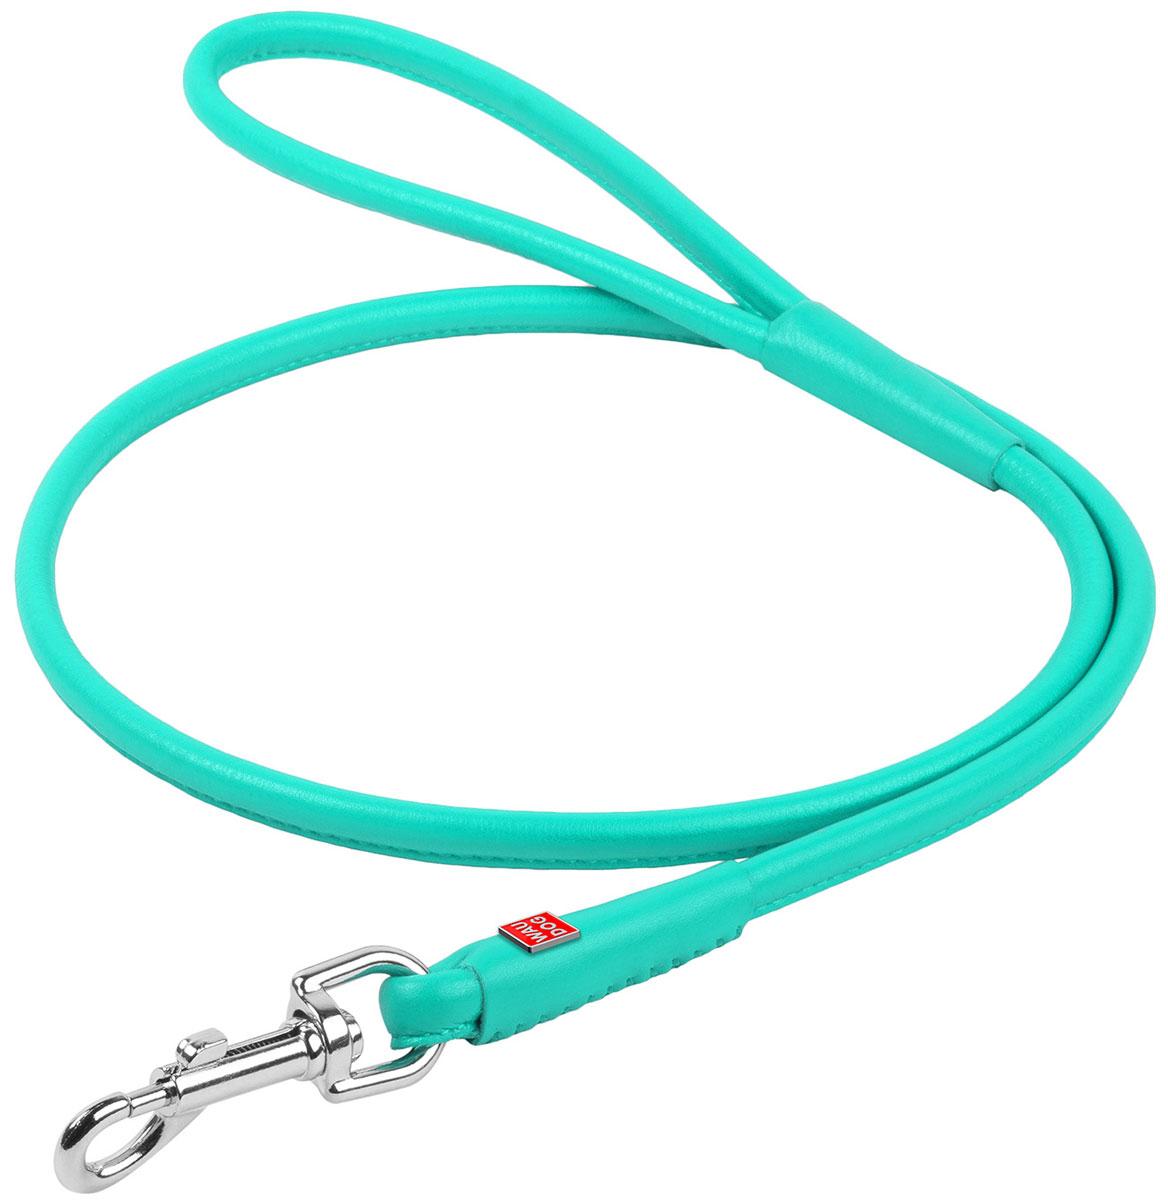 Поводок кожаный круглый для собак ментол 4 мм 122 см Collar WauDog Glamour (1 шт) поводок светящийся водостойкий для собак ментол 25 мм 183 см collar waudog waterproof 1 шт